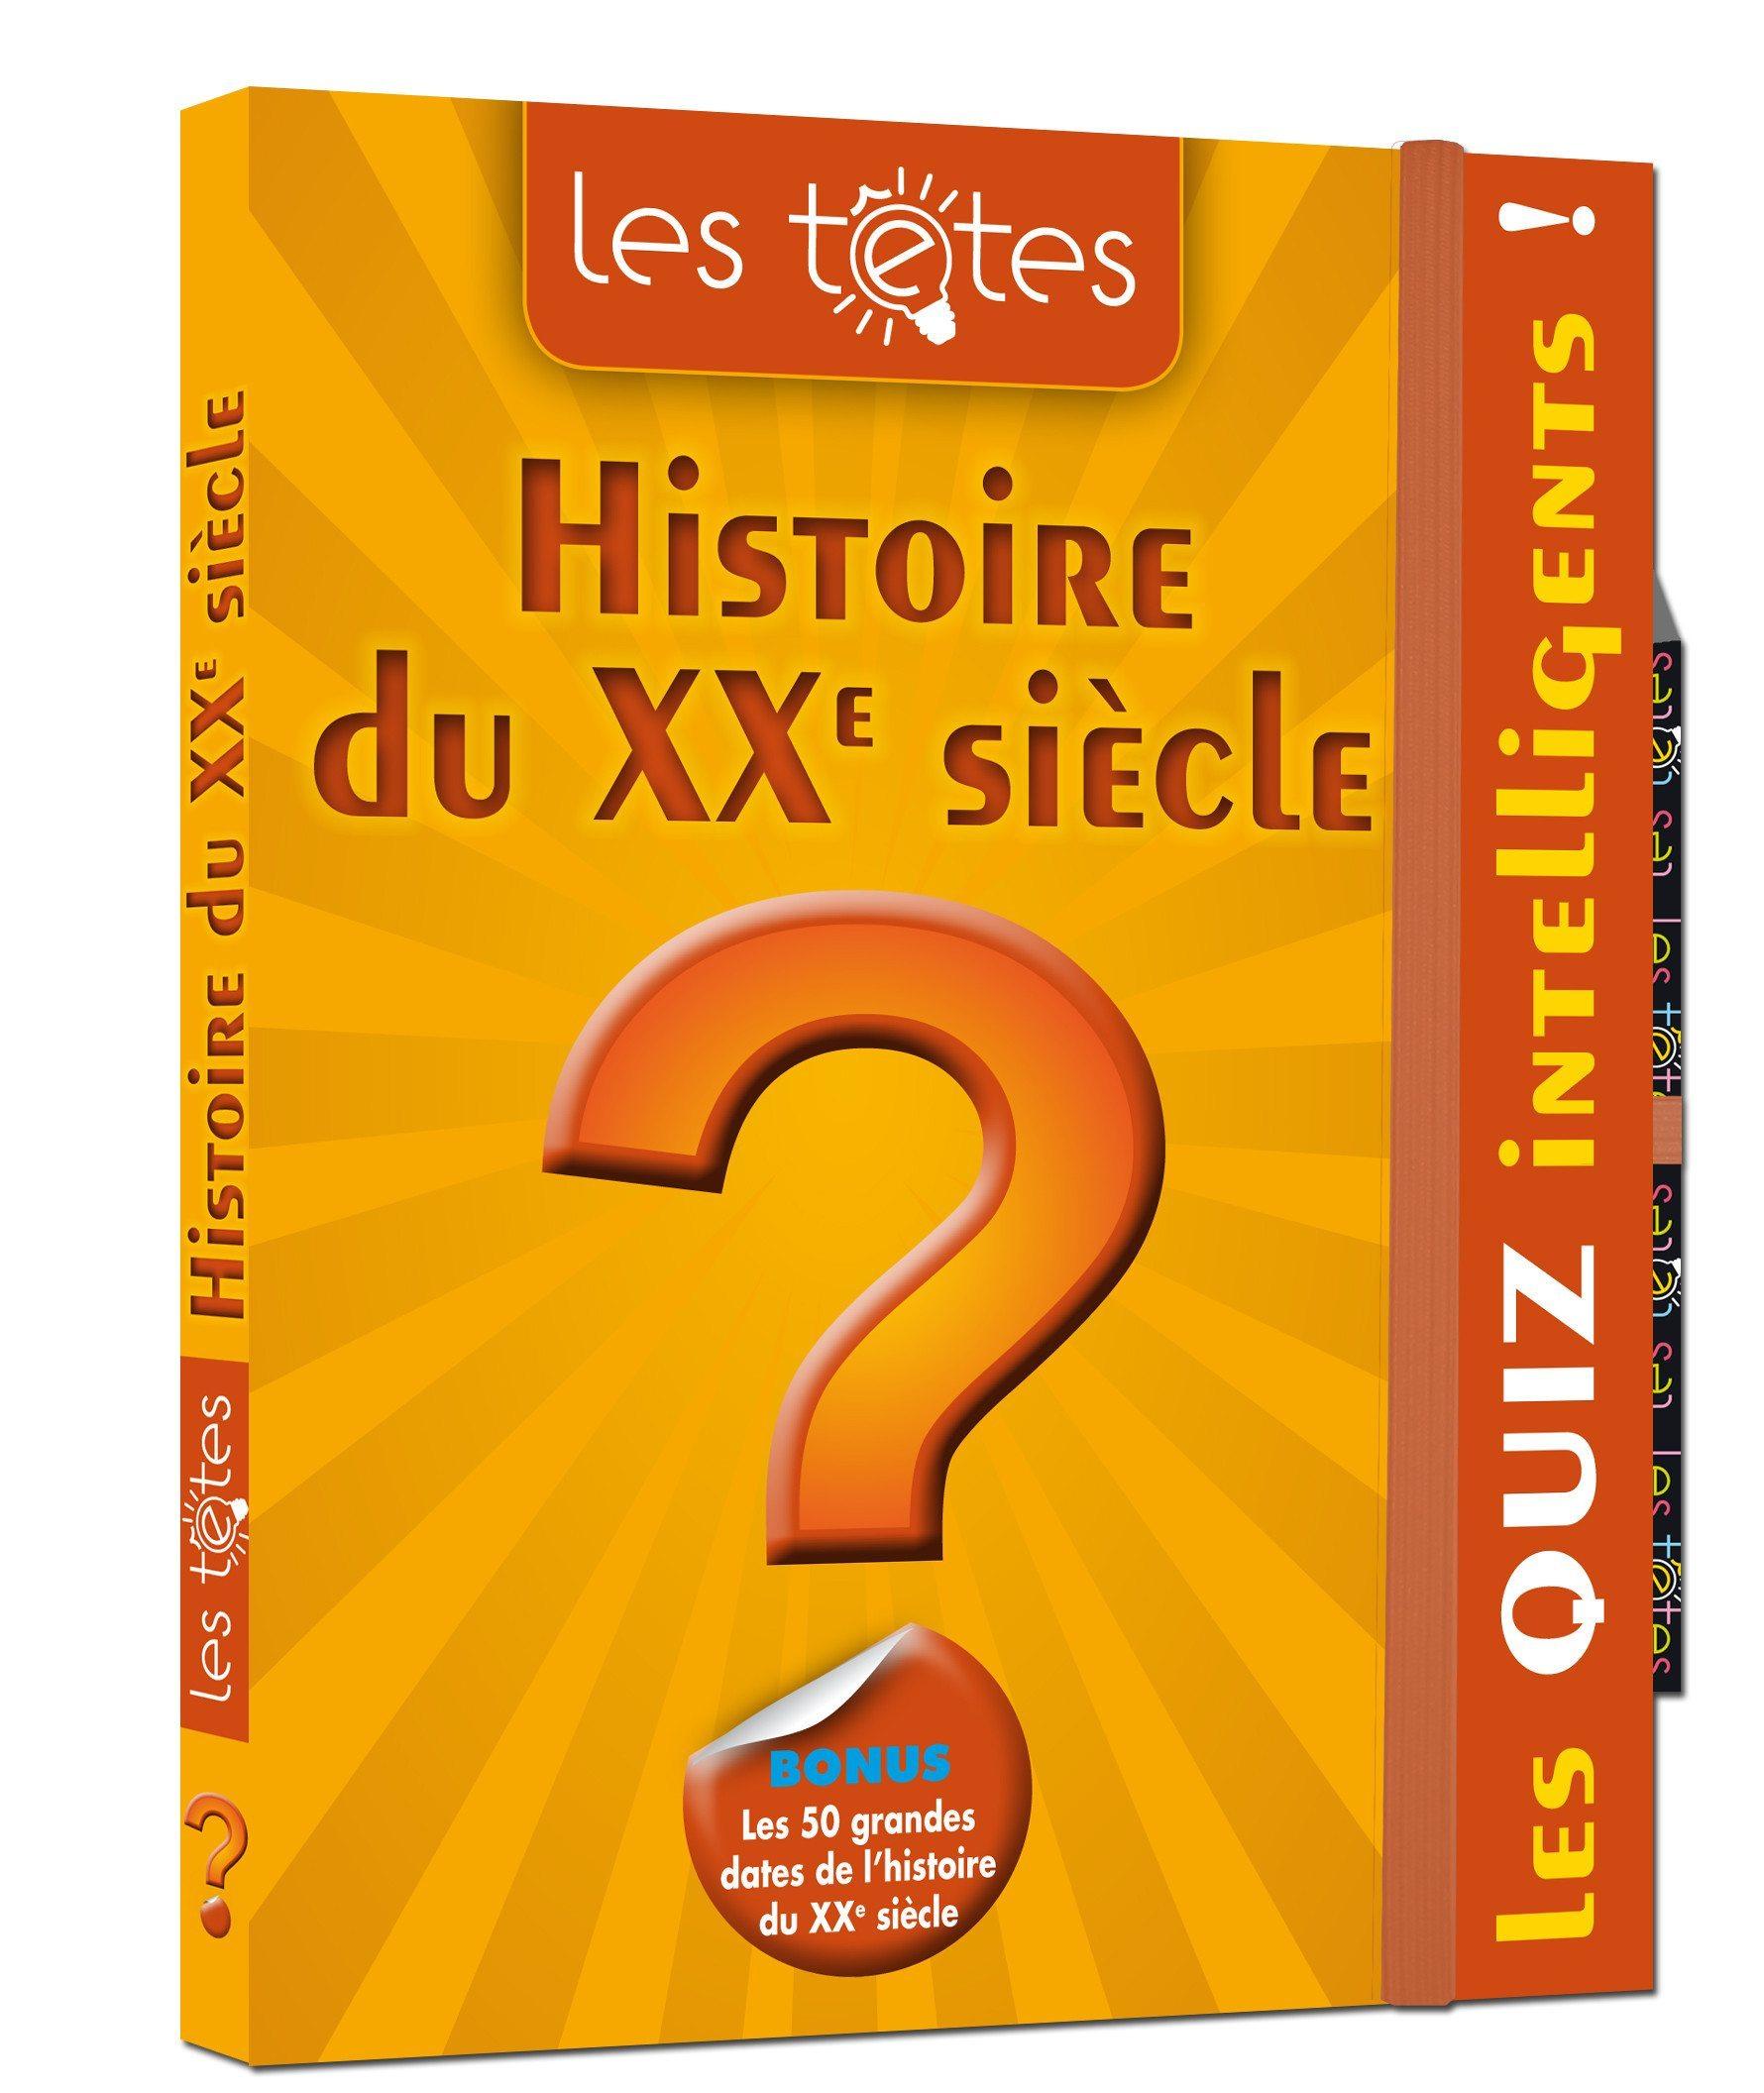 Les Têtes - Histoire du XXème siècle (